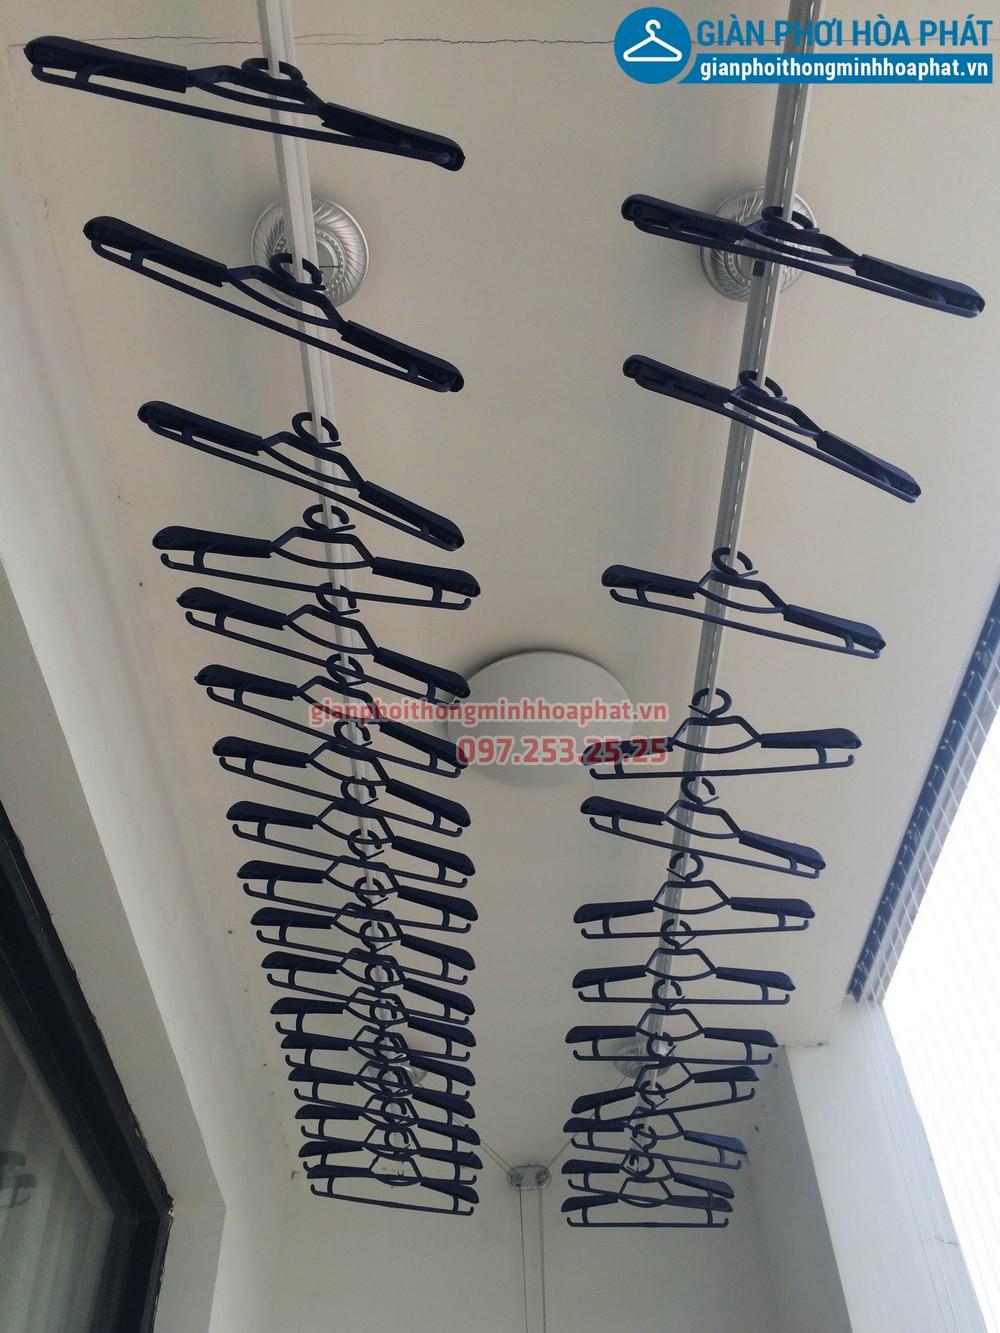 Chị Kỳ lắp giàn phơi thông minh và lưới bảo vệ nhà R4-1206 Royal city 05